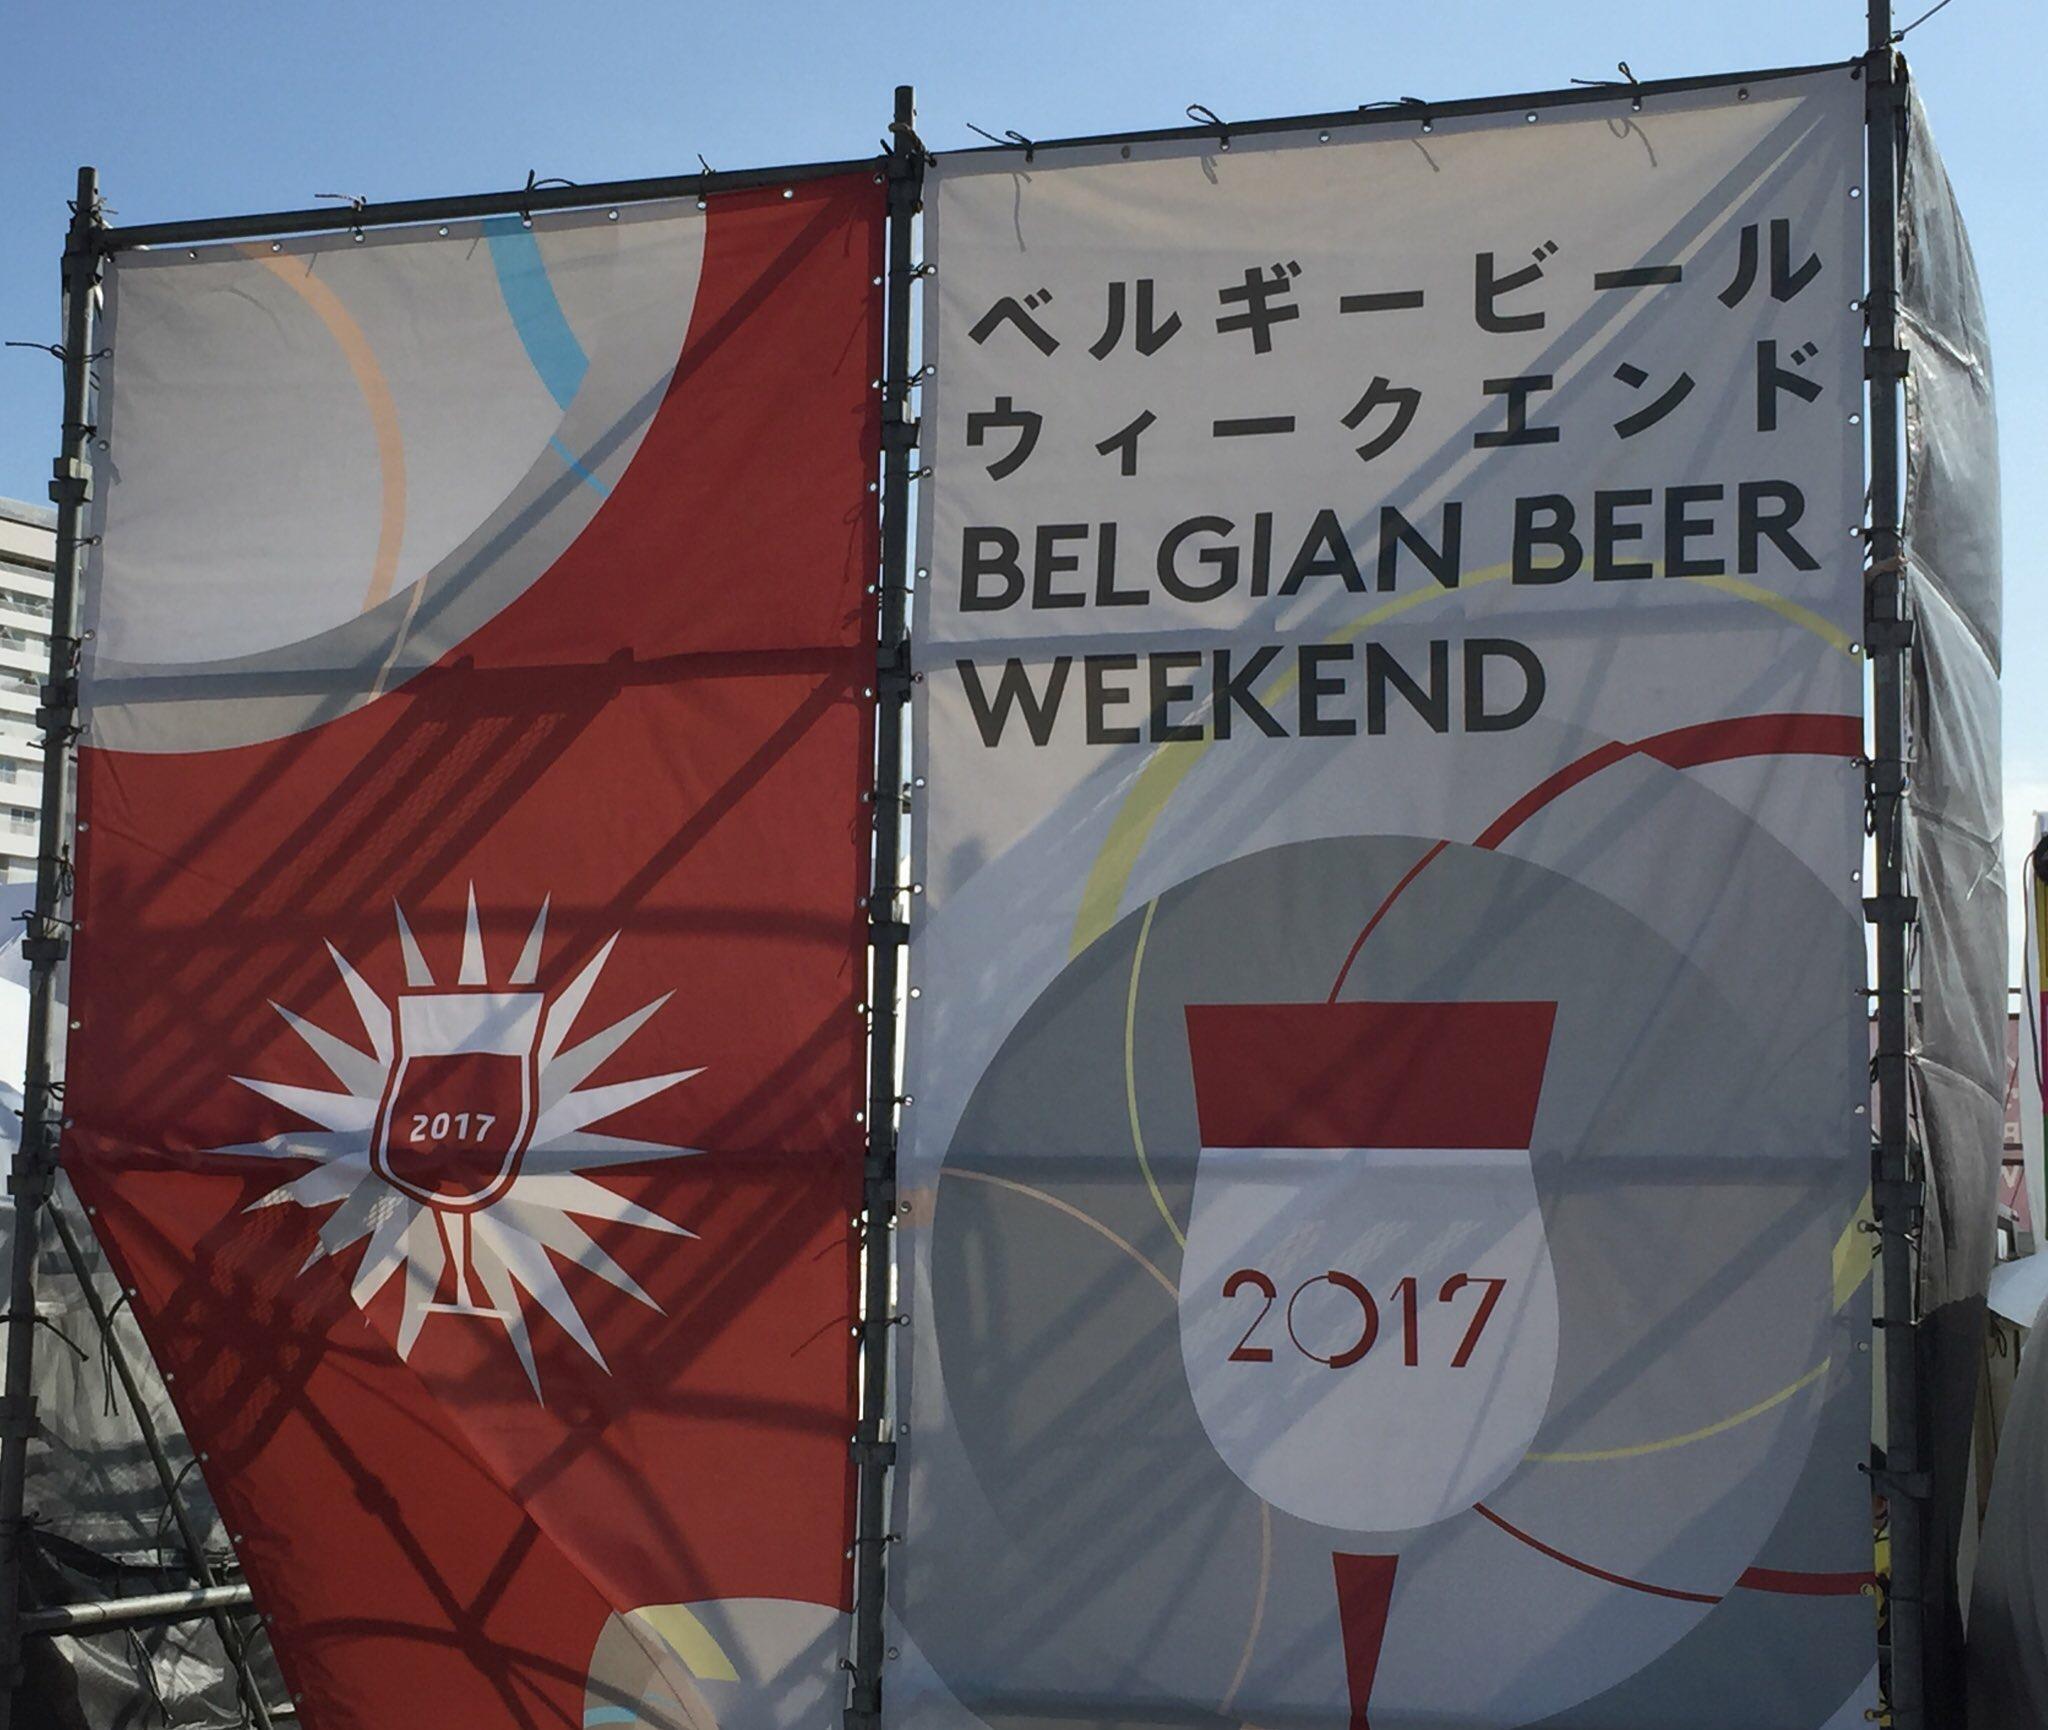 神戸・メリケンパークで8/30~9/3まで「ベルギービールウィークエンド2017 神戸」が開催!【※写真追加更新】#神戸開港150年 #ベルギービールウィークエンド